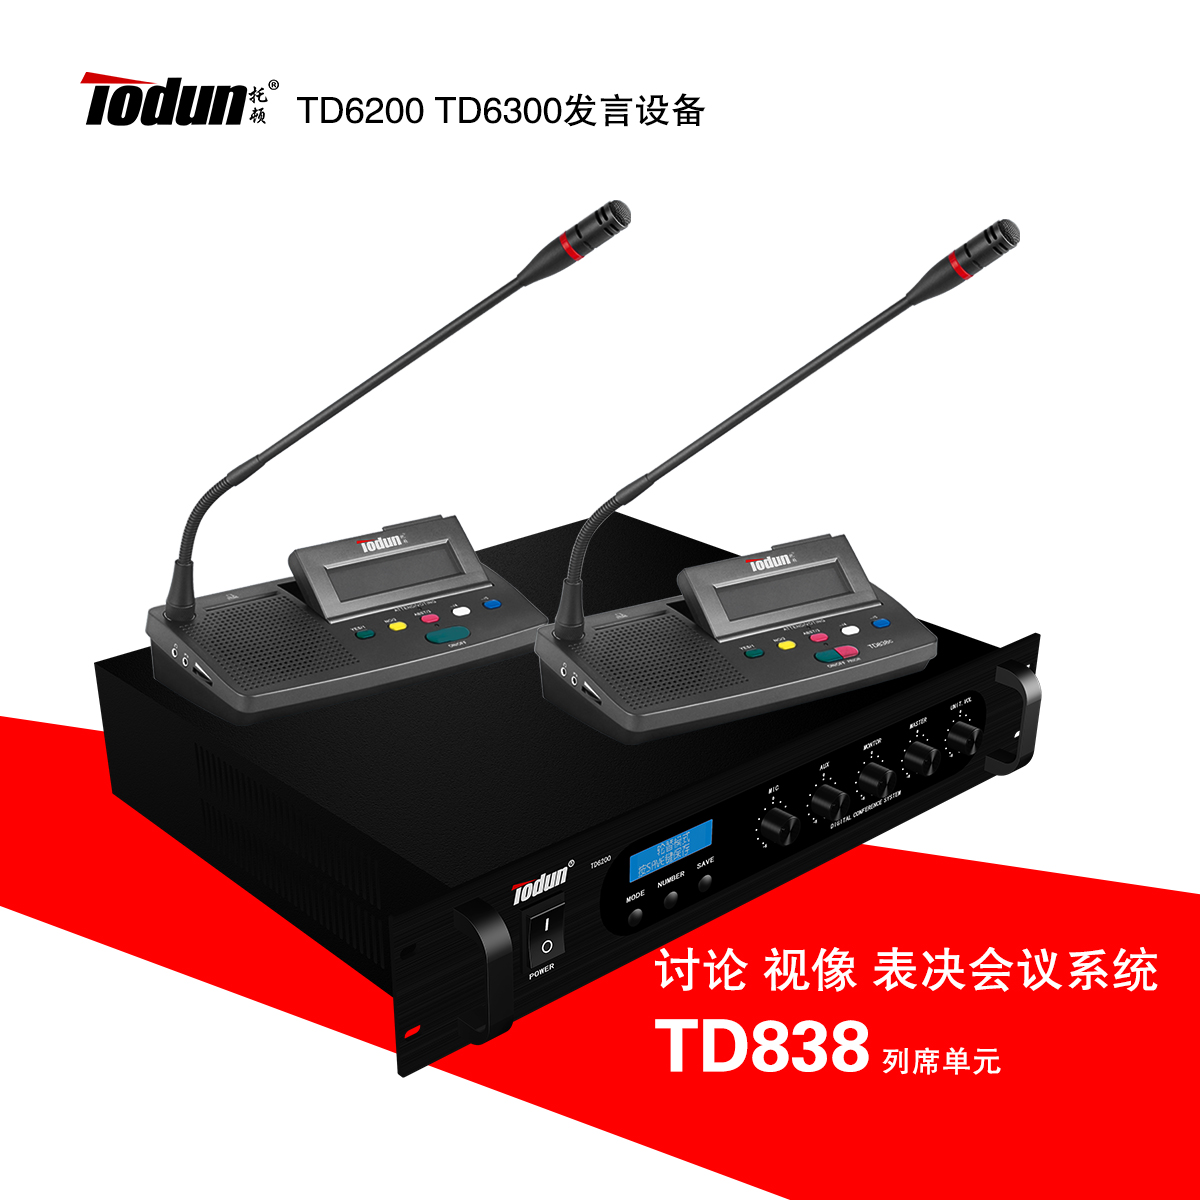 国税局地税局-讨论视频表决会议系统TD6300 发言会议话筒TD838